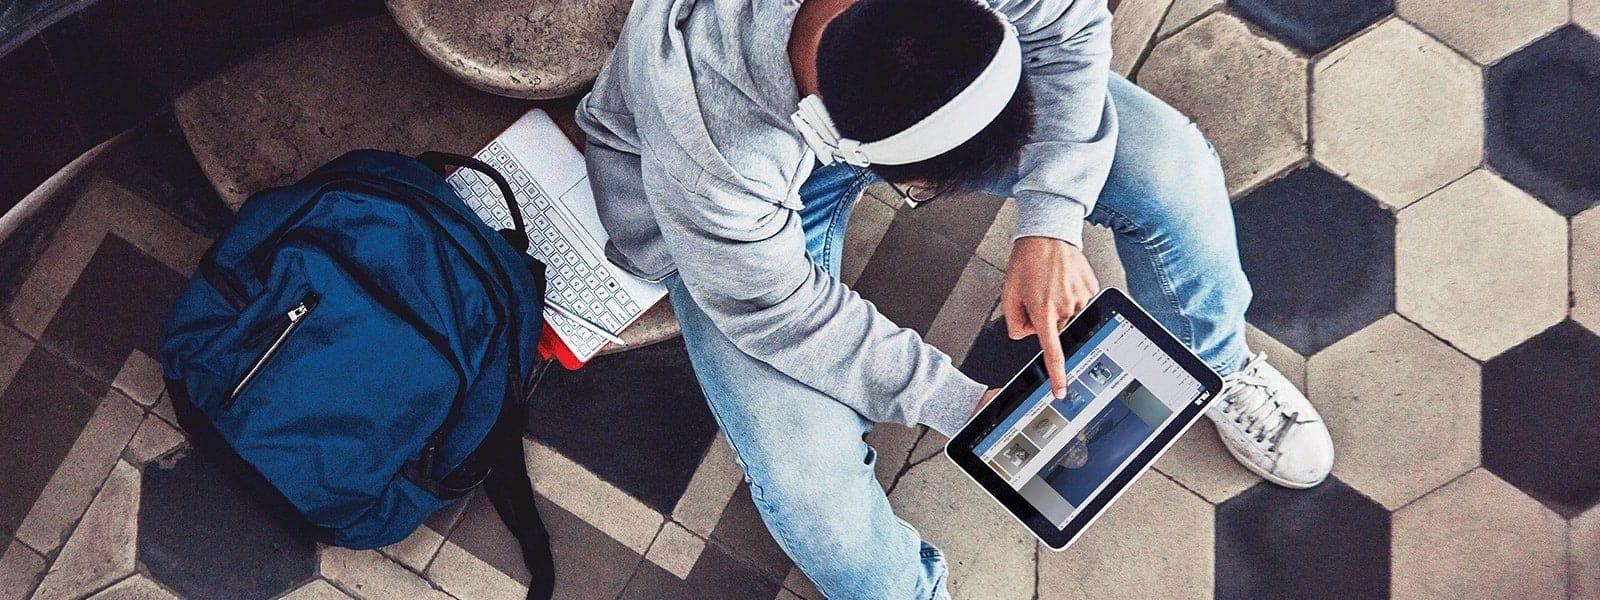 Φοιτητής κοιτάζει μια συσκευή Windows 10